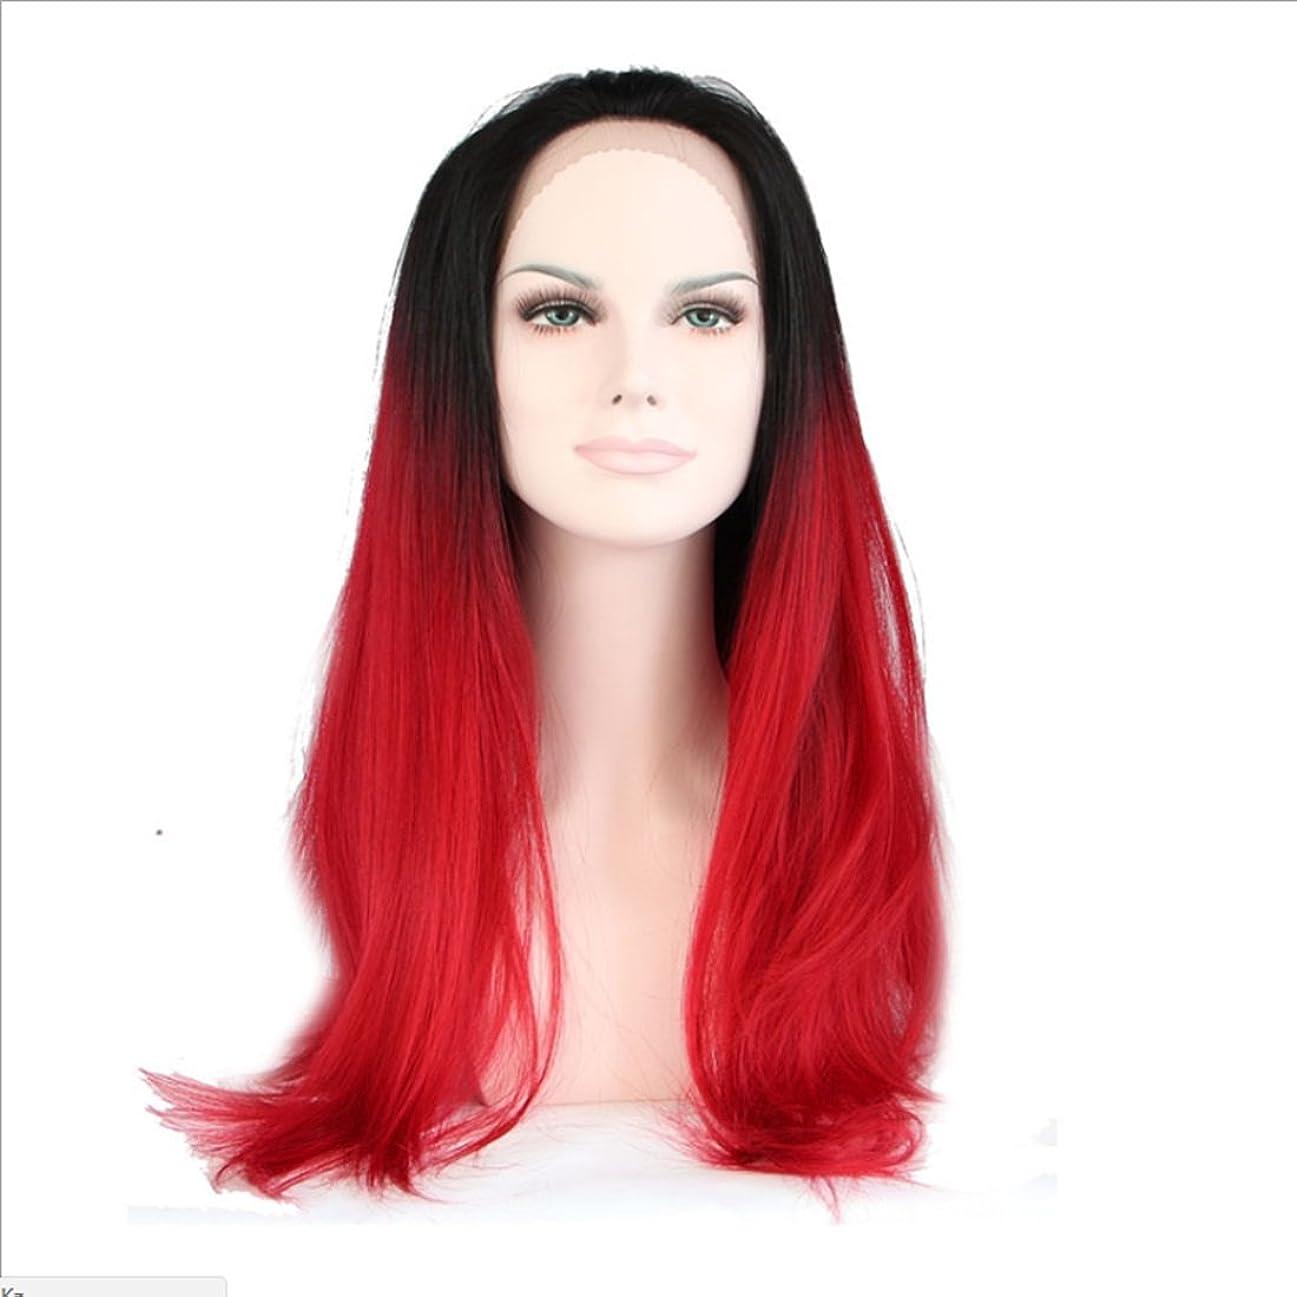 共同選択有名奨学金BOBIDYEE 女性のための高温シルク合成かつらレース前部長い前髪付きストレートヘアレースヘアー耐熱かつら(シルバーホワイトグラデーションブラック、ブラックグラデーションビッグレッド)ロールプレイングウィッグ (色 : Black gradient big red)